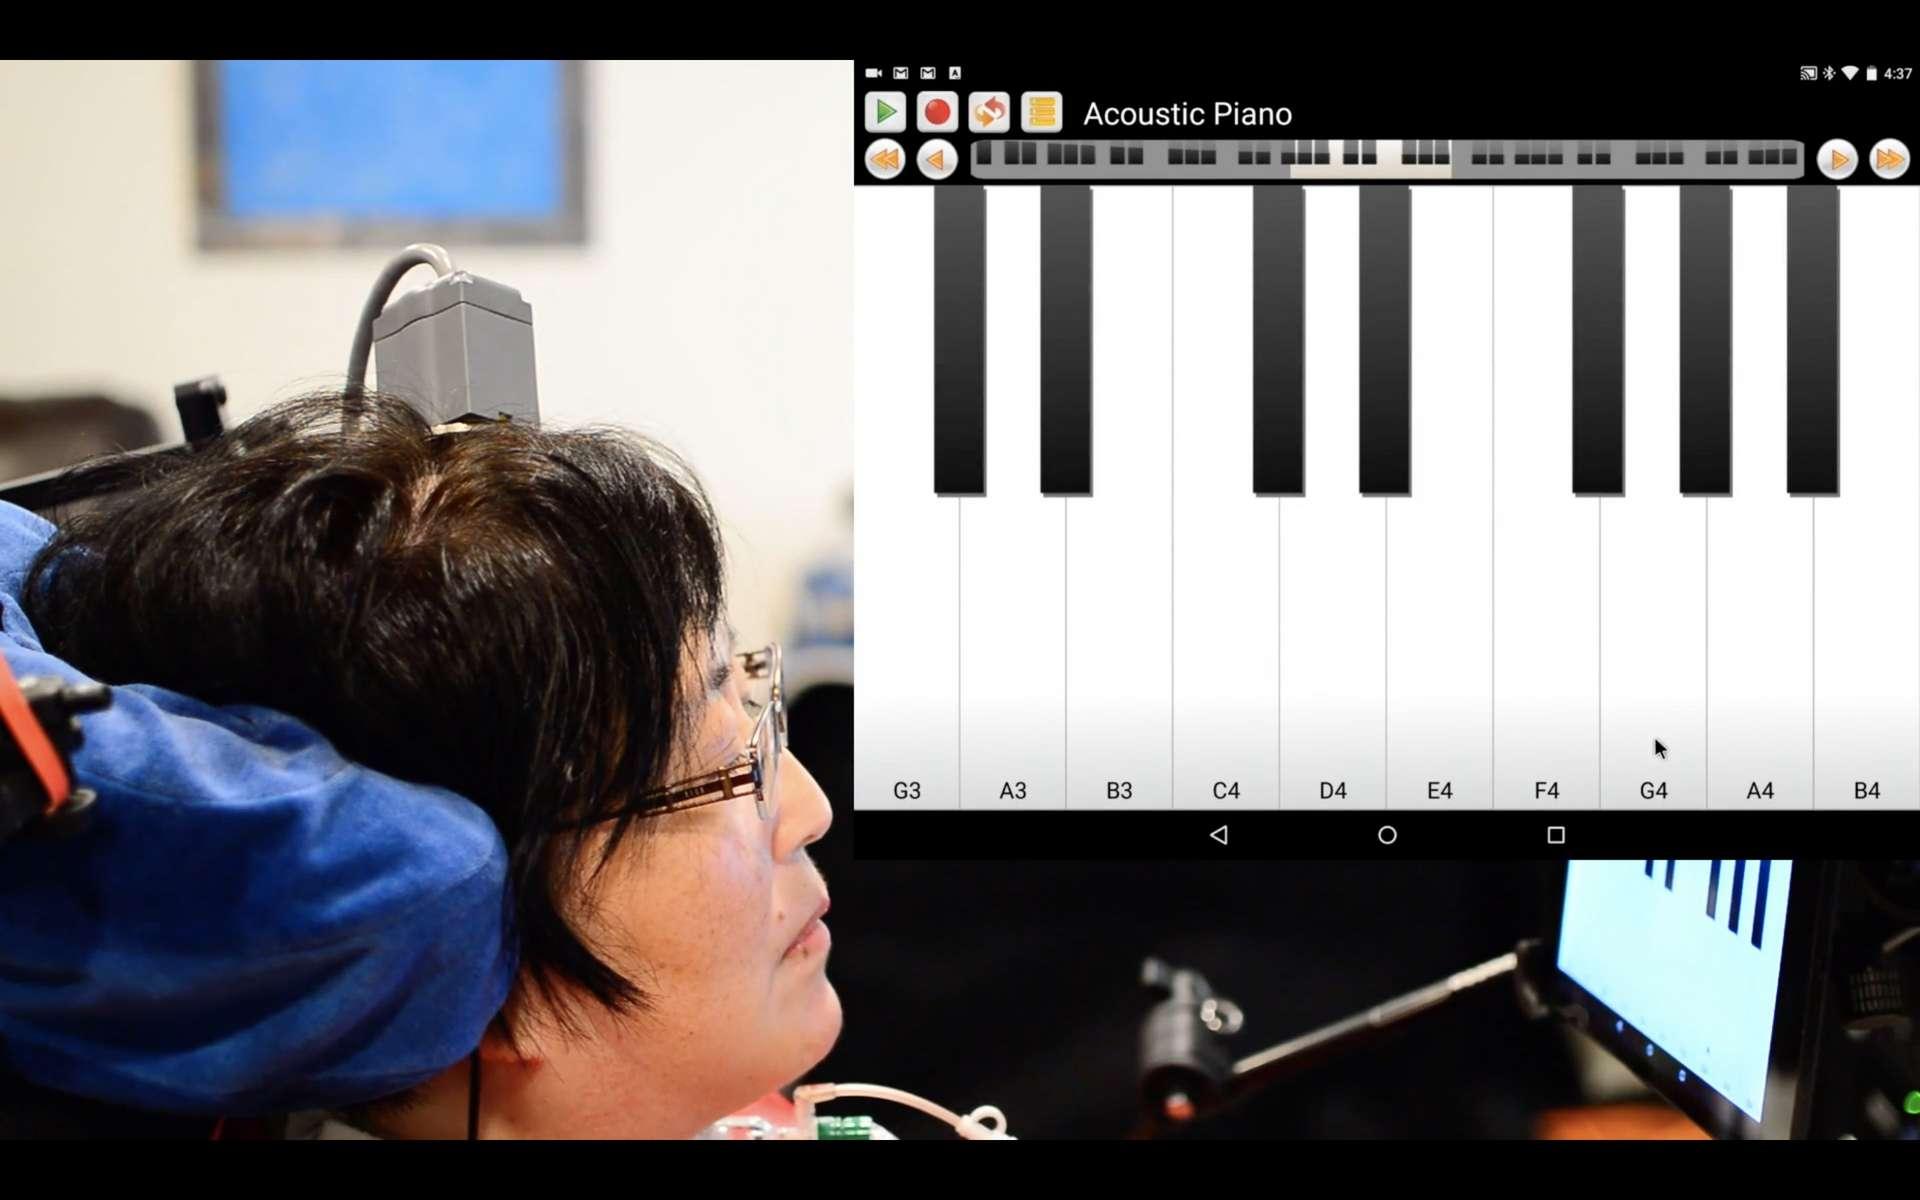 L'une des participantes à l'essai BrainGate 2, musicienne de formation, a même pu jouer quelques notes de « l'Ode à la joie » de la Symphonie nᵒ 9 de Beethoven. © BrainGate Collaboration